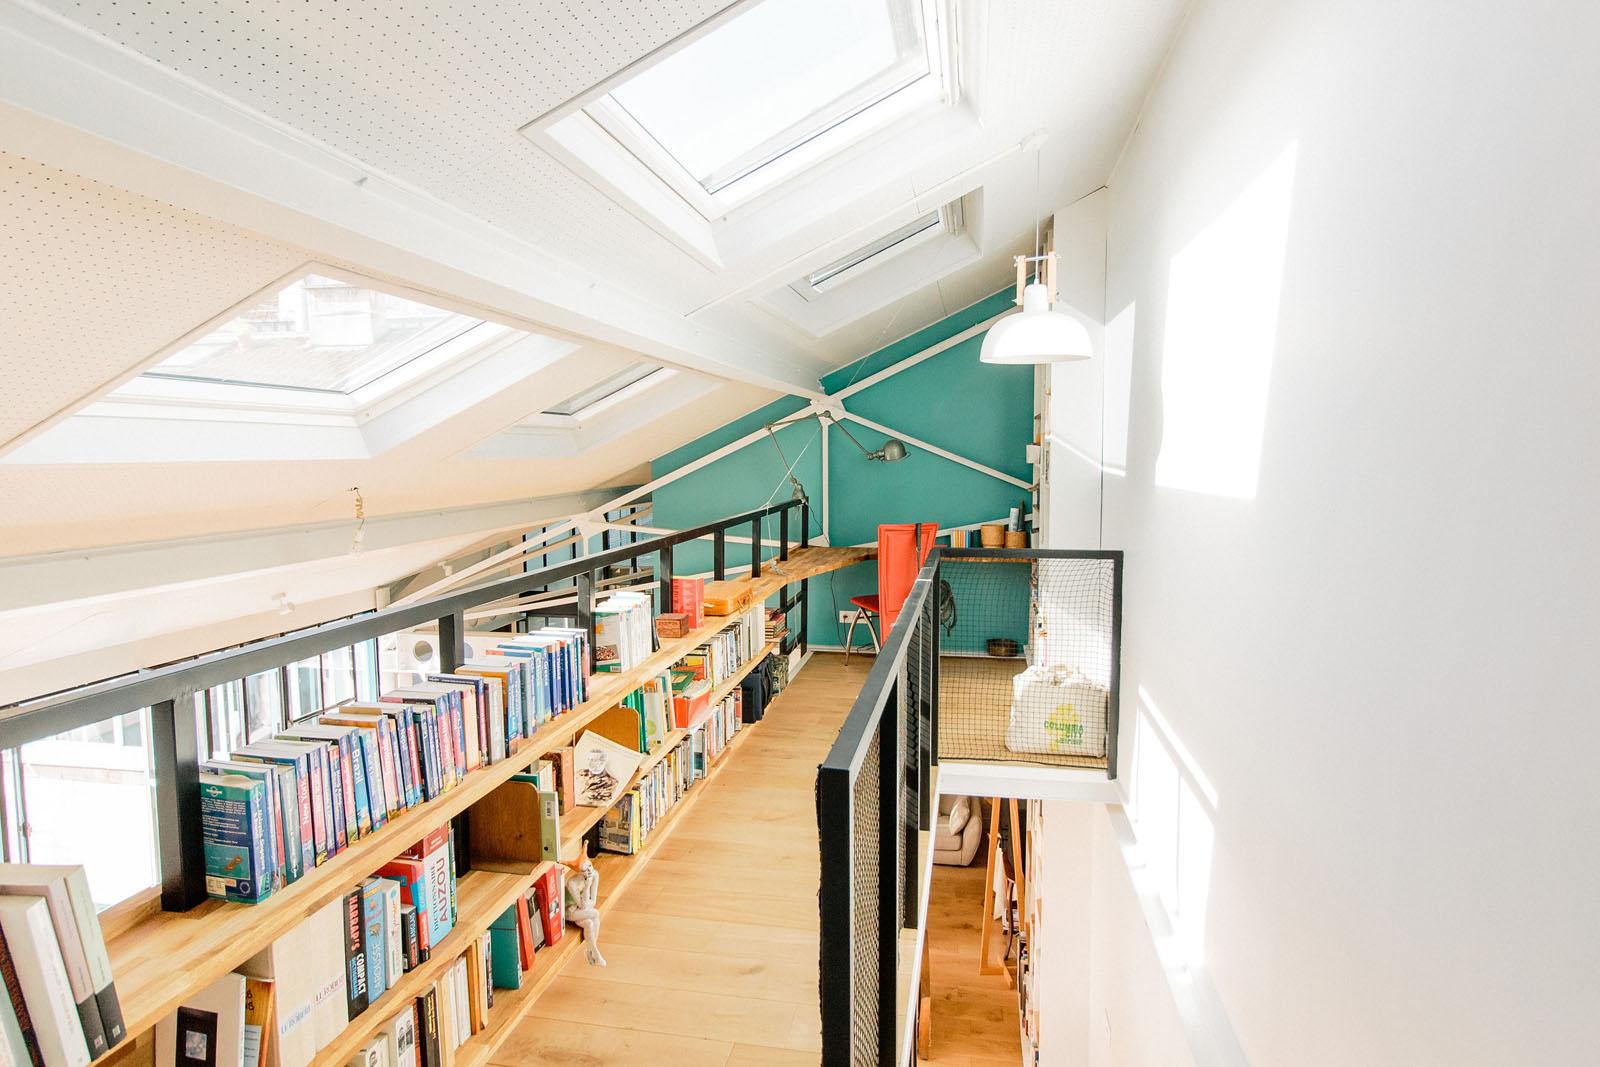 Aménagement d'un loft a paris, idée originale mezzanine